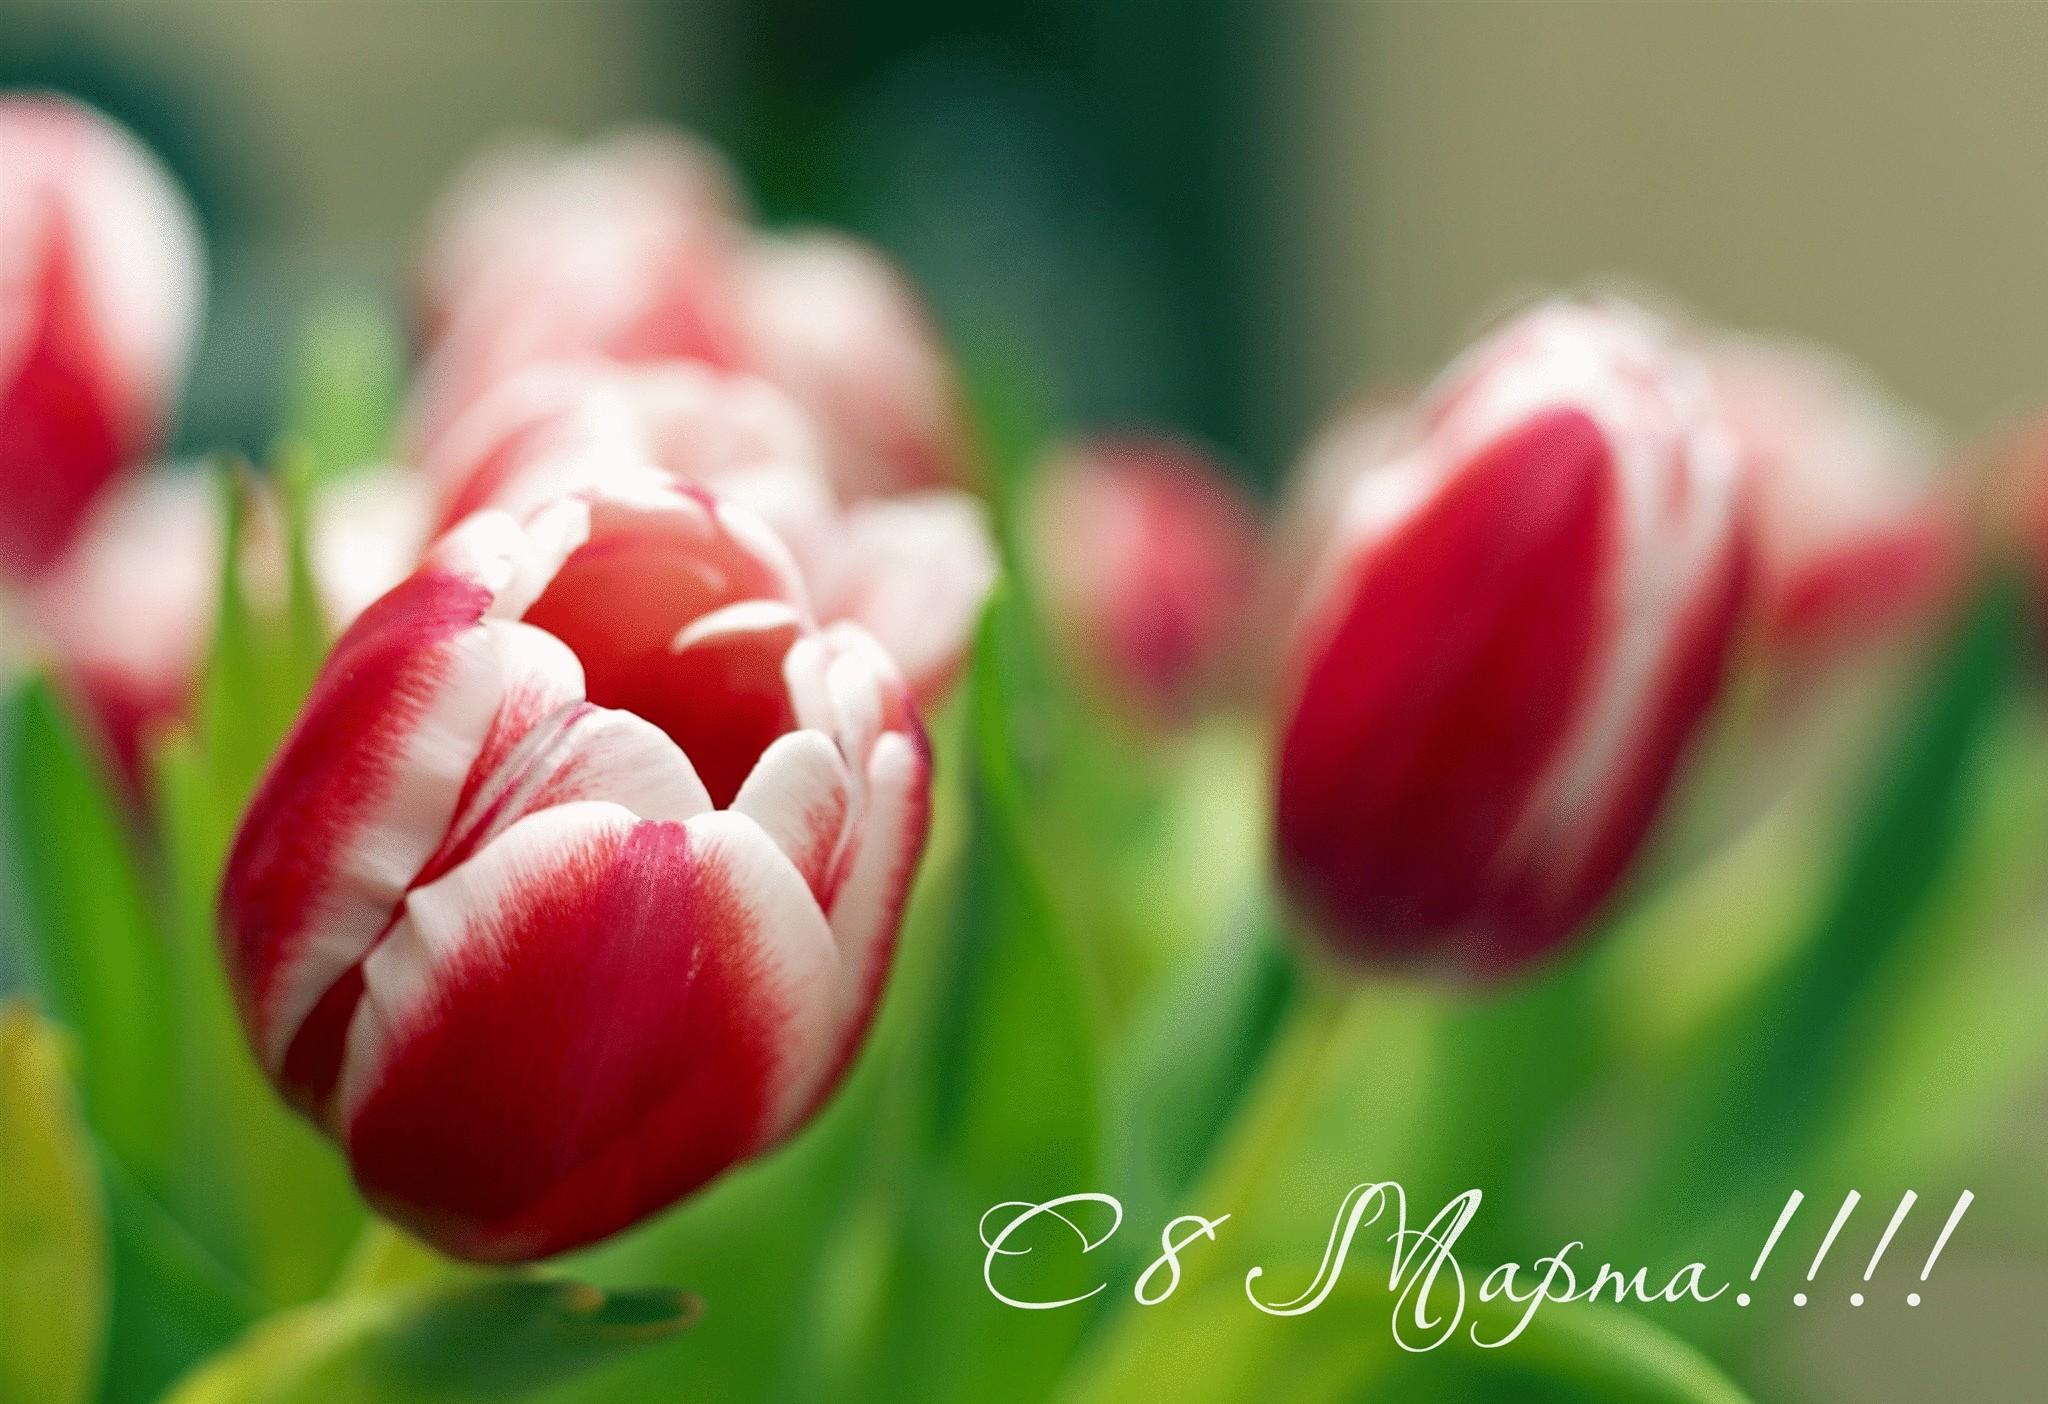 фото открытки праздник 8 марта здесь заслужил